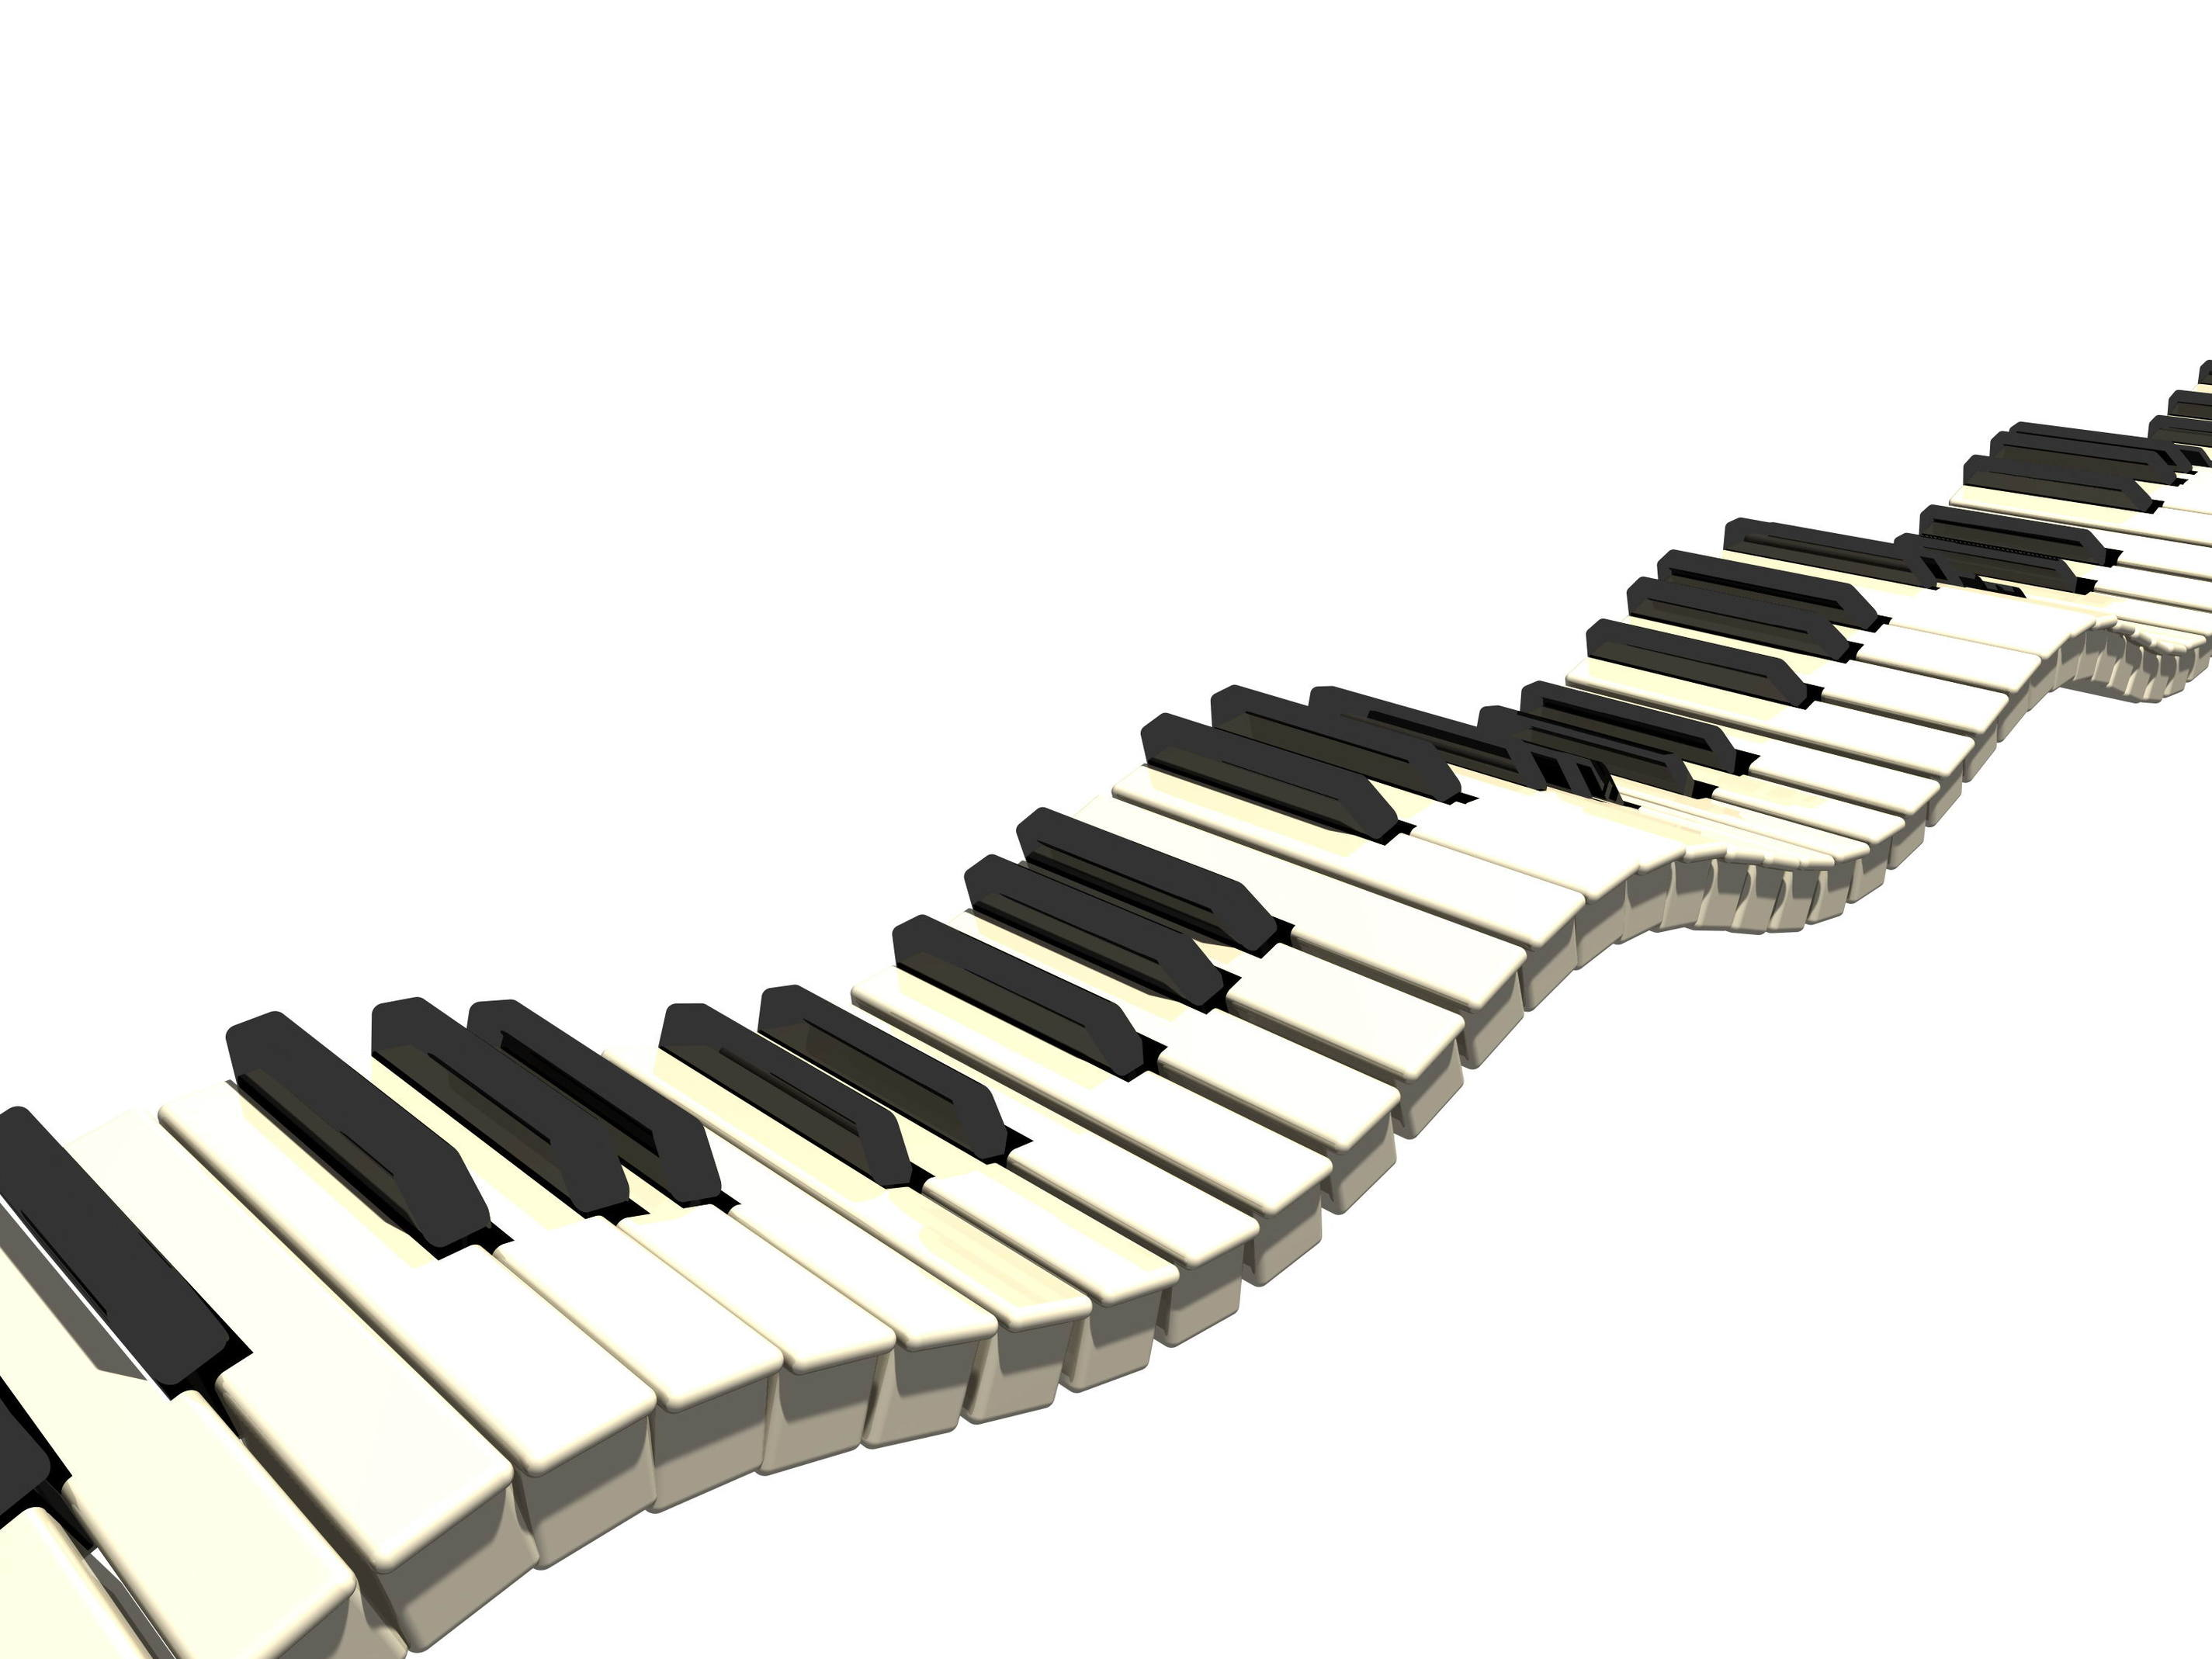 2850x2138 Piano Keys Clipart Many Interesting Cliparts